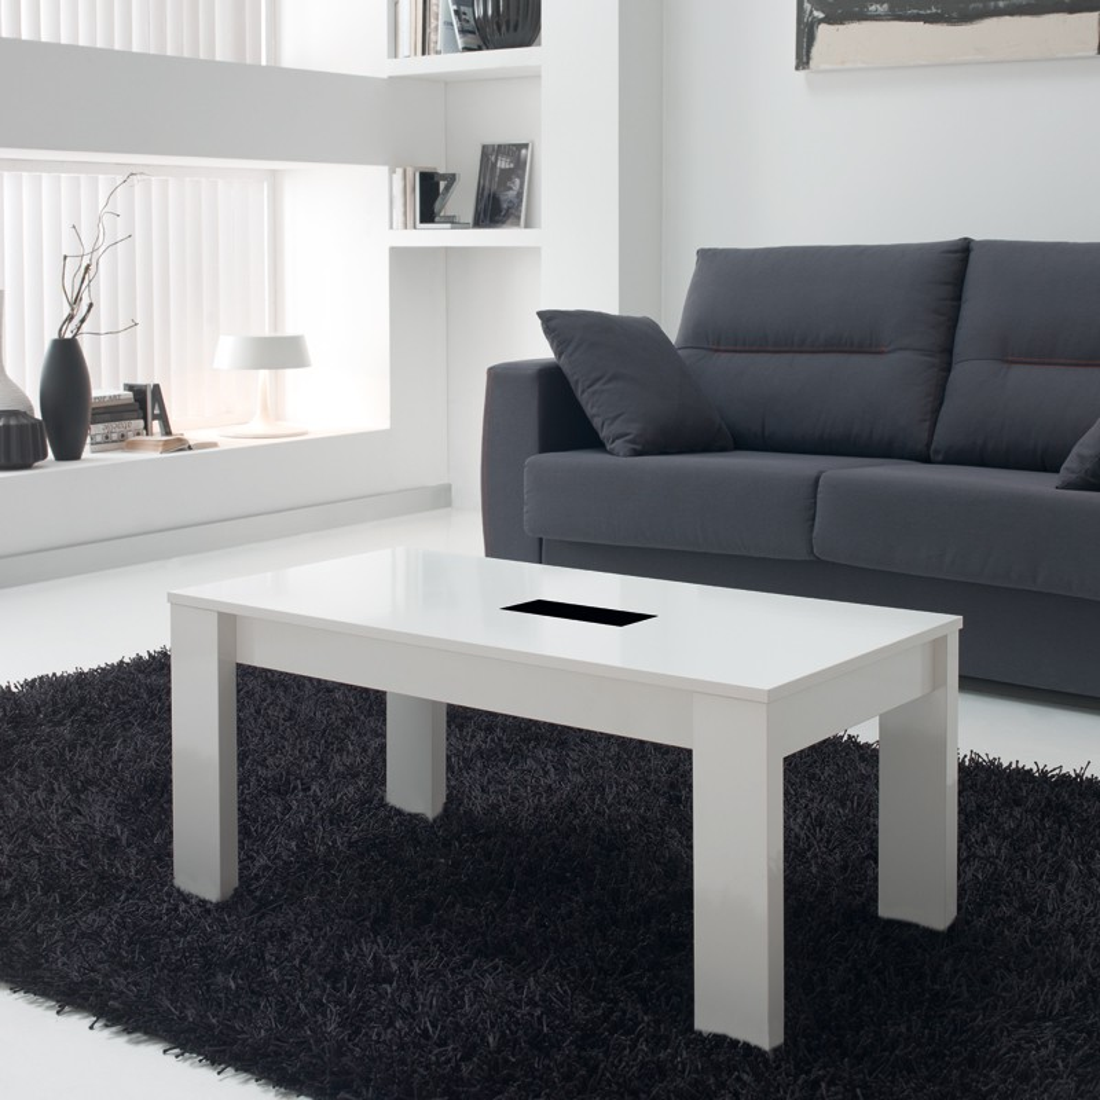 table basse blanche relevable moderne n 2 mysia univers du salon. Black Bedroom Furniture Sets. Home Design Ideas